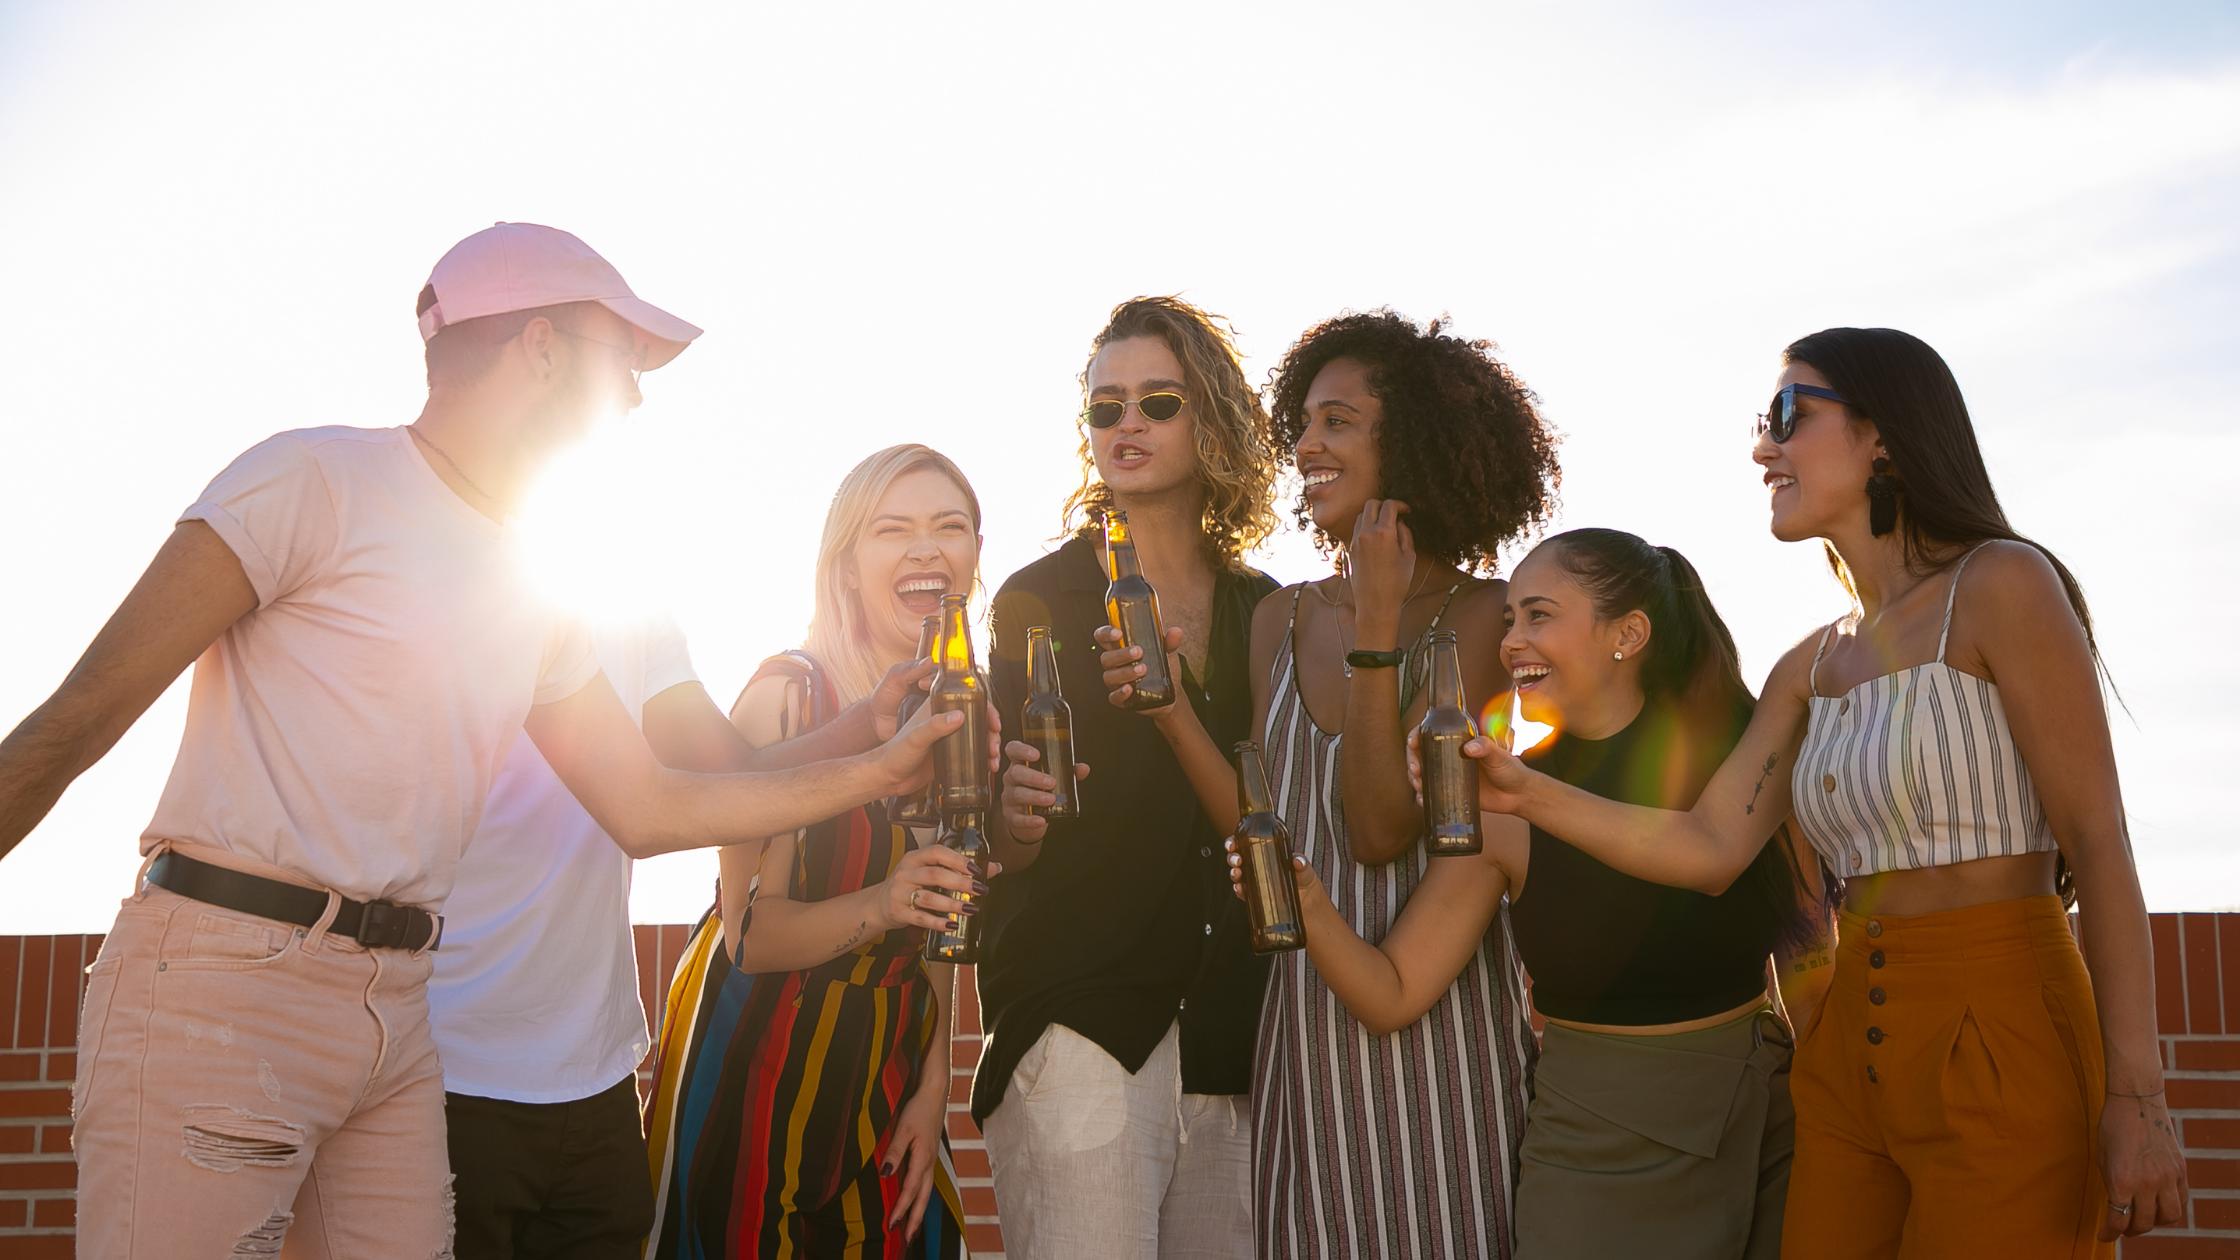 Cadouri pentru prieteni - Top 7 Idei sa-i magulesti